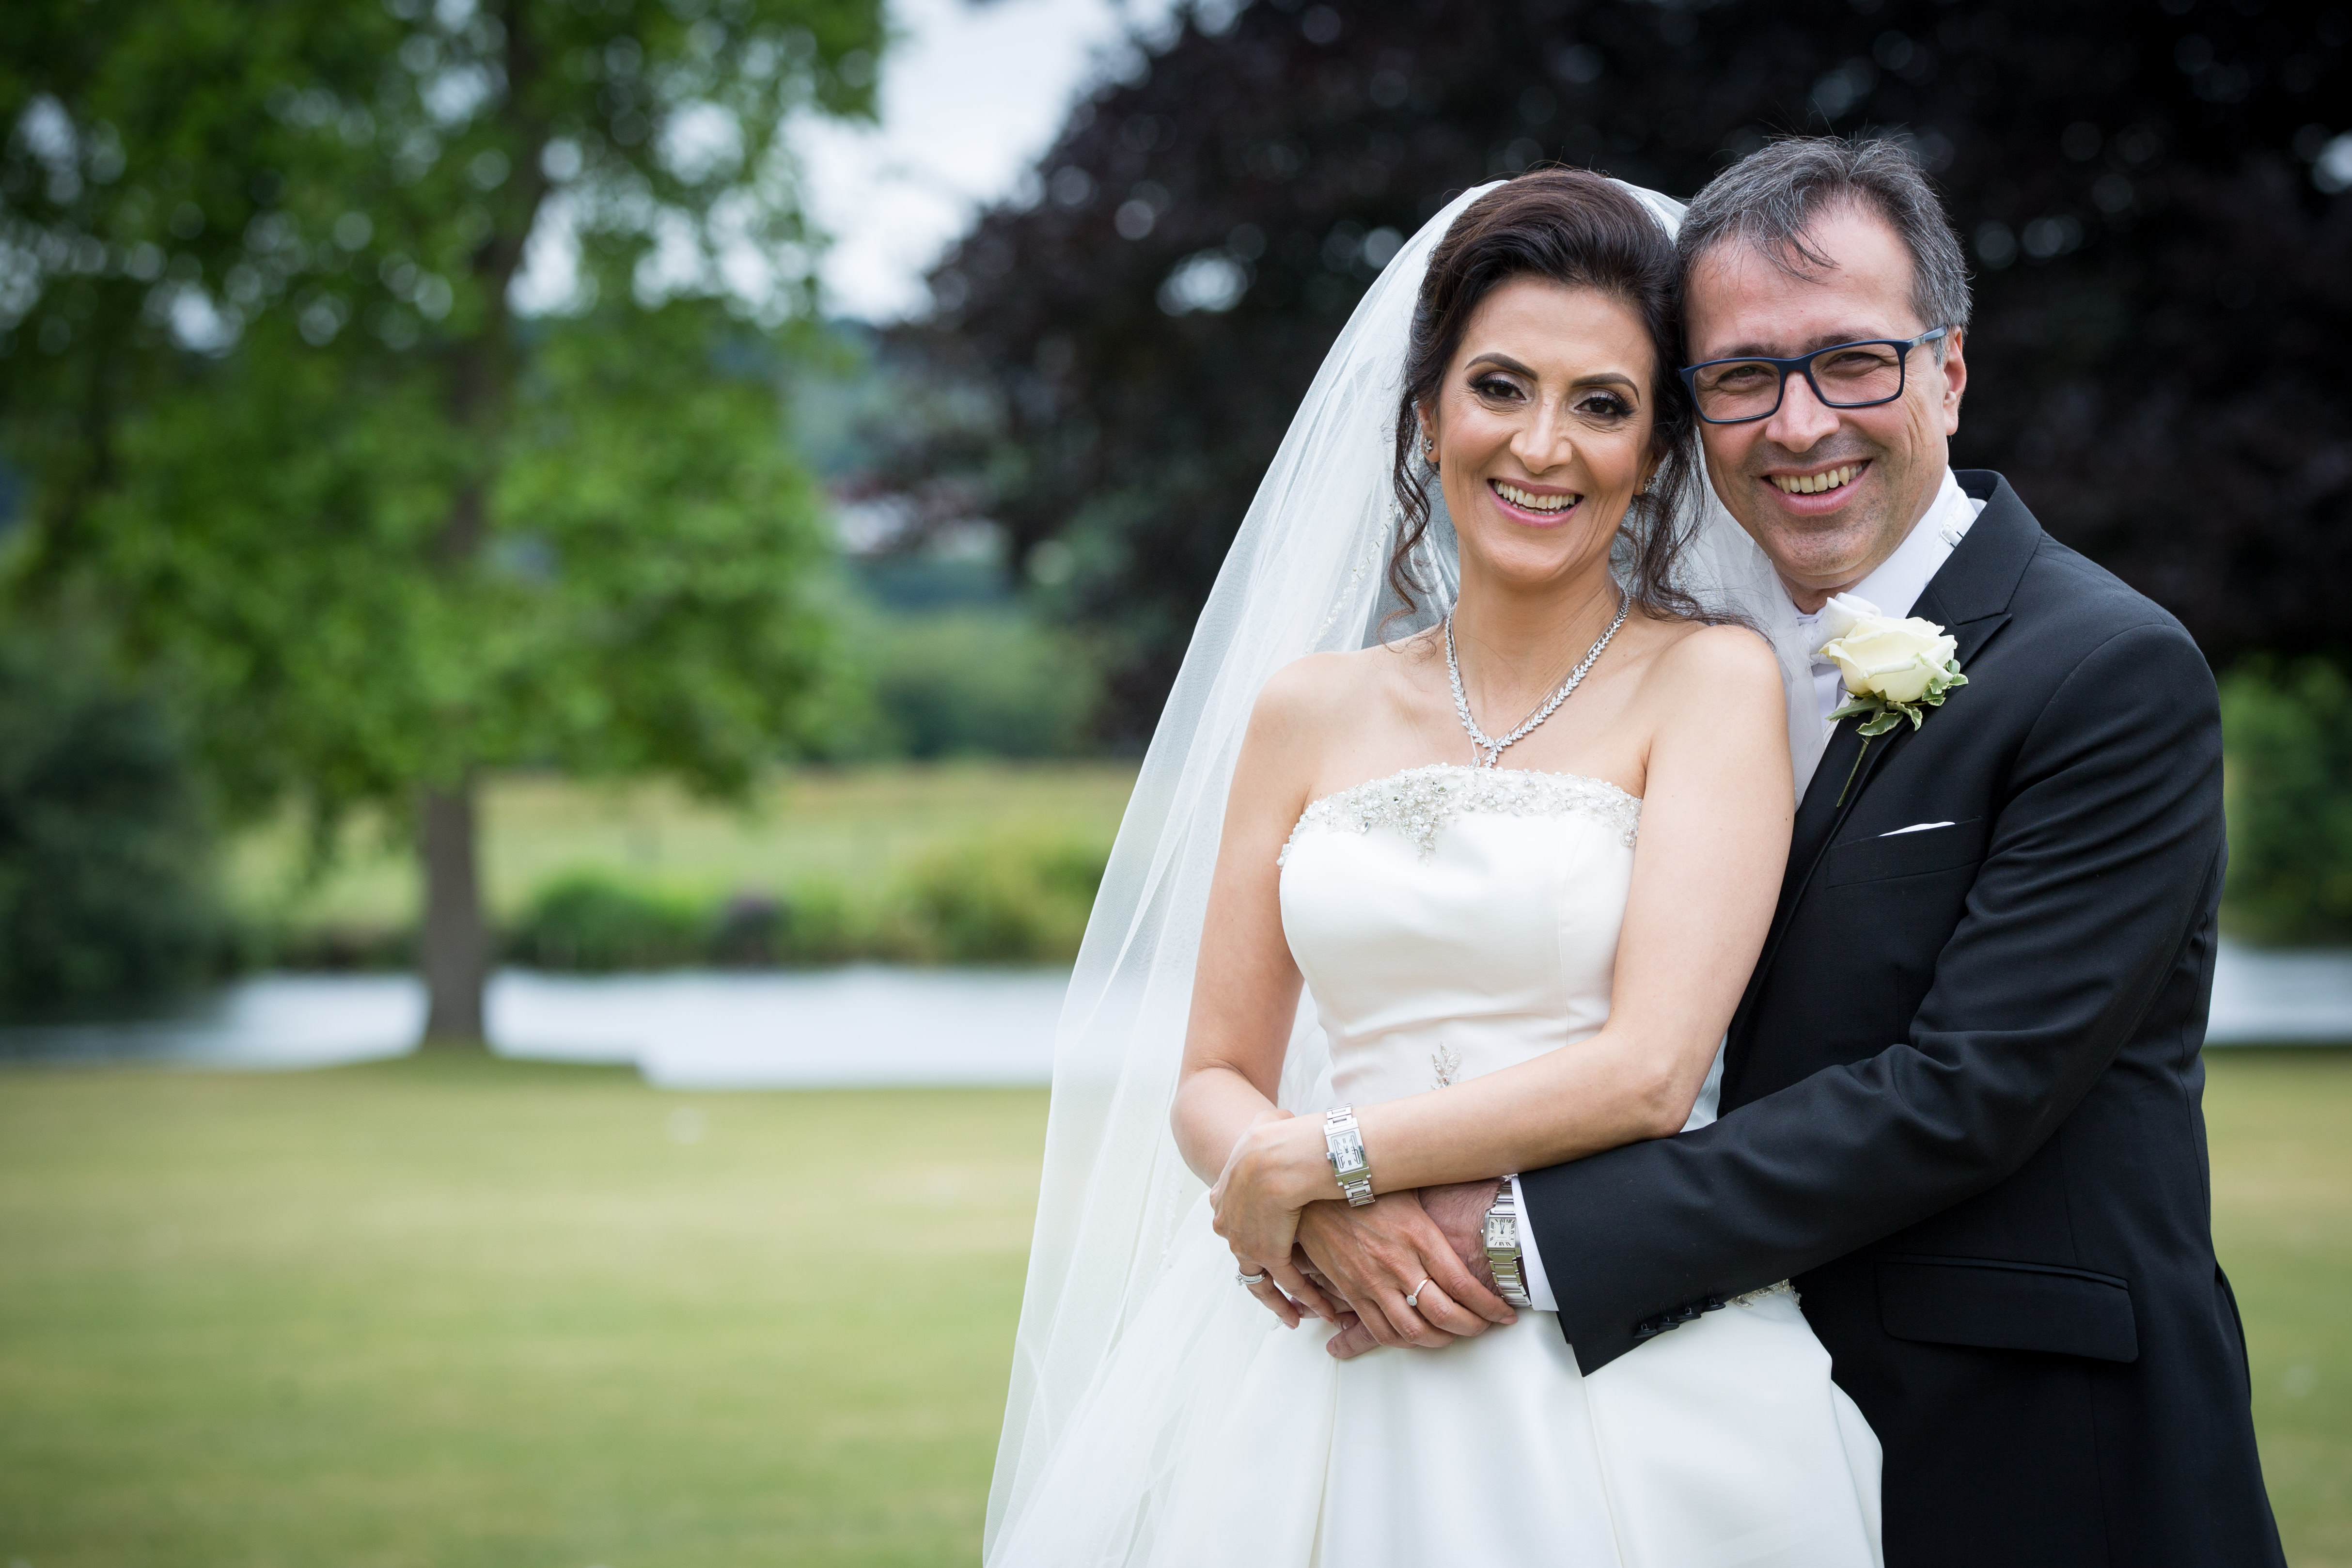 Mitra & Mehrdad's wedding at Bisham Abbey